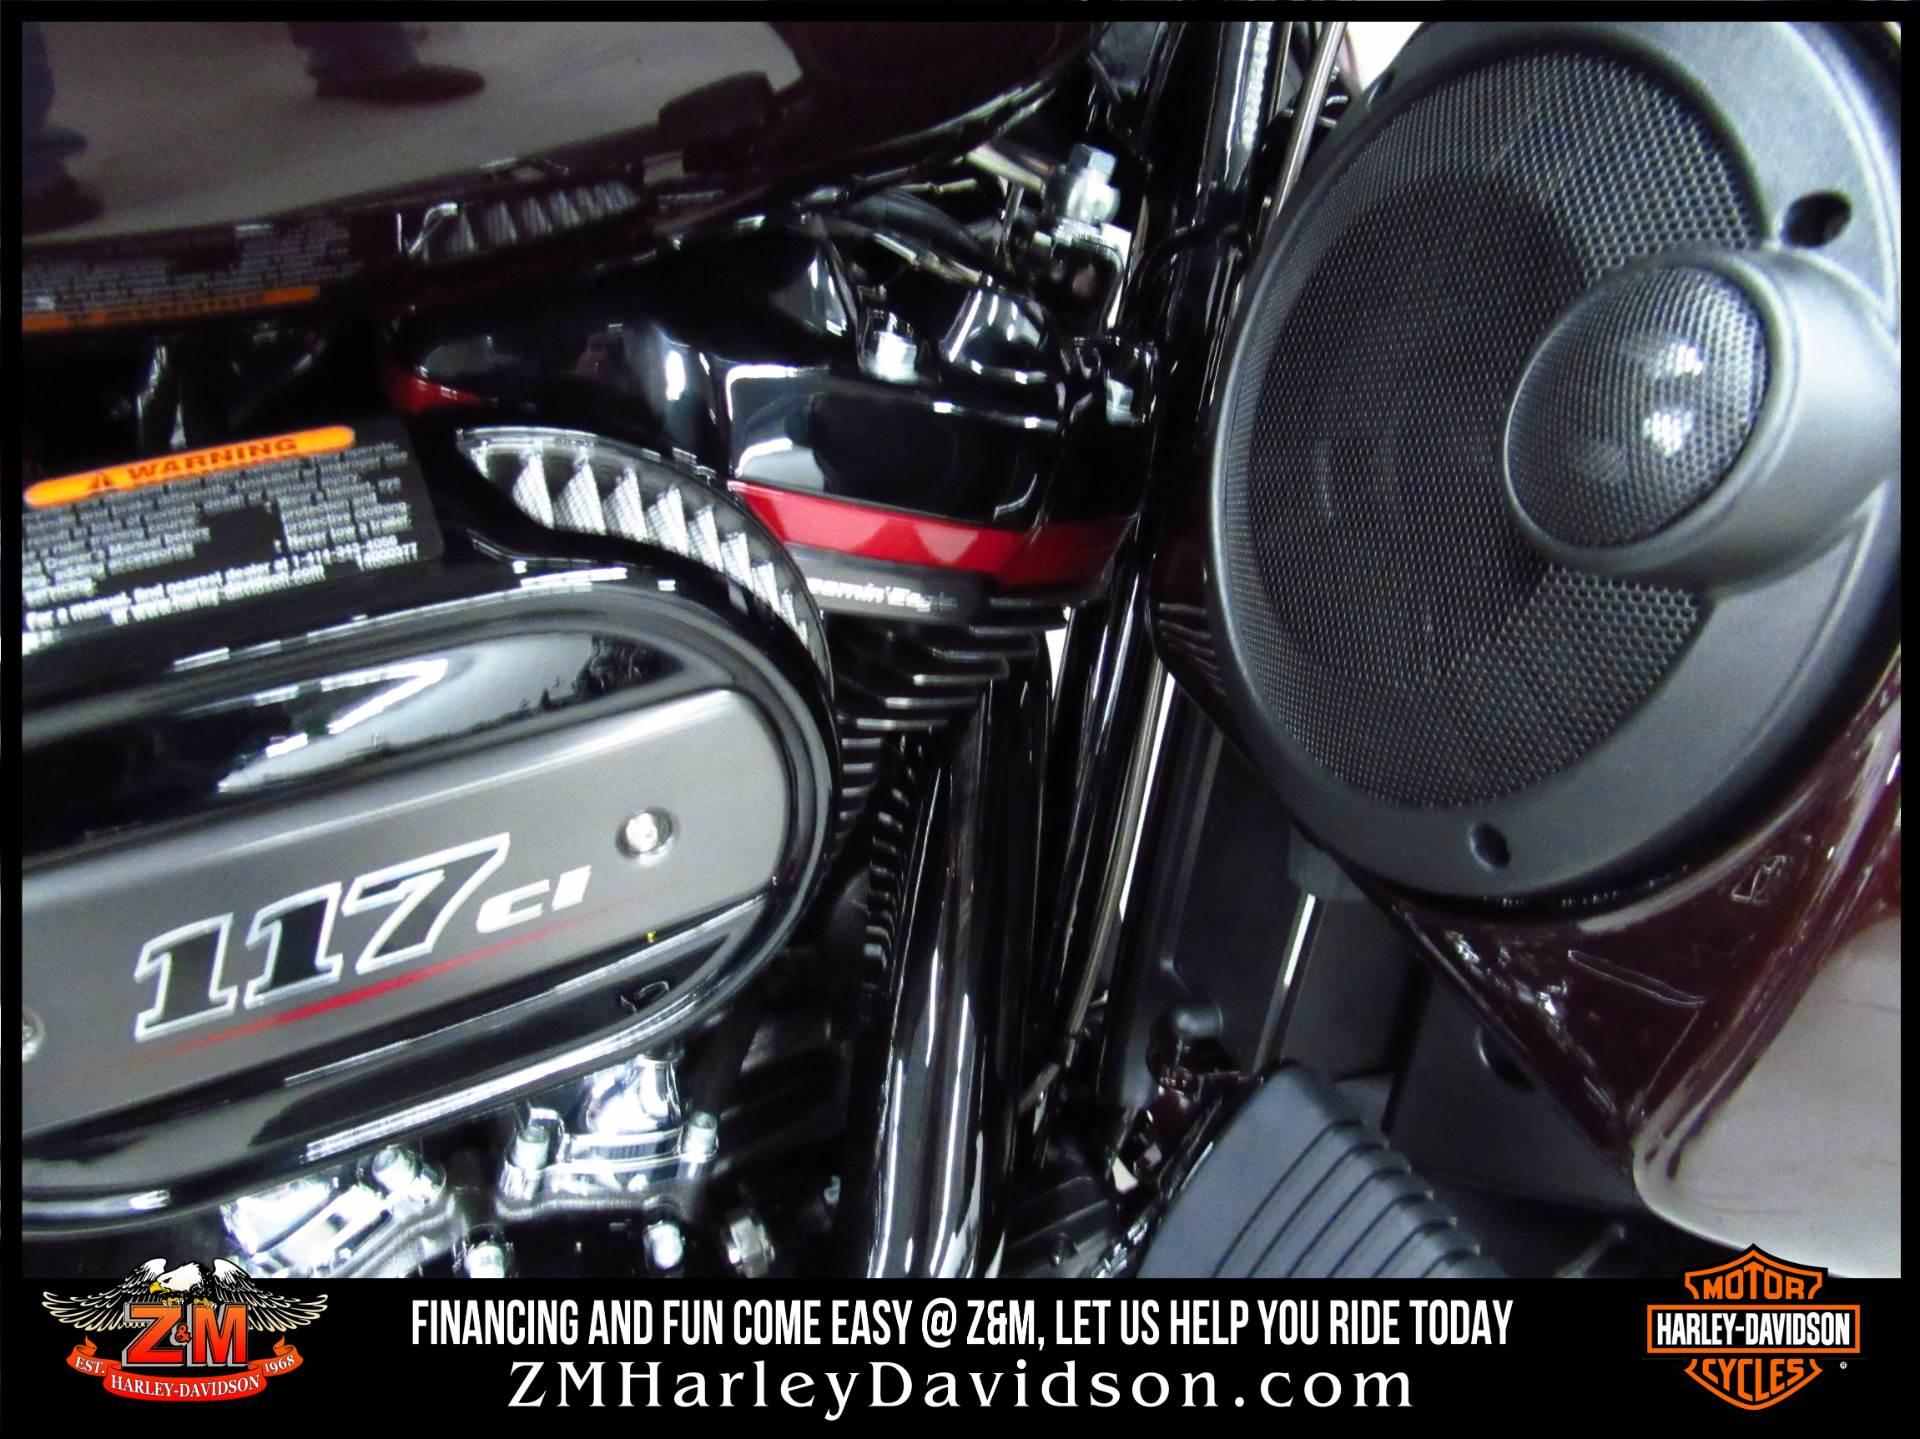 2019 Harley-Davidson CVO Street Glide 4